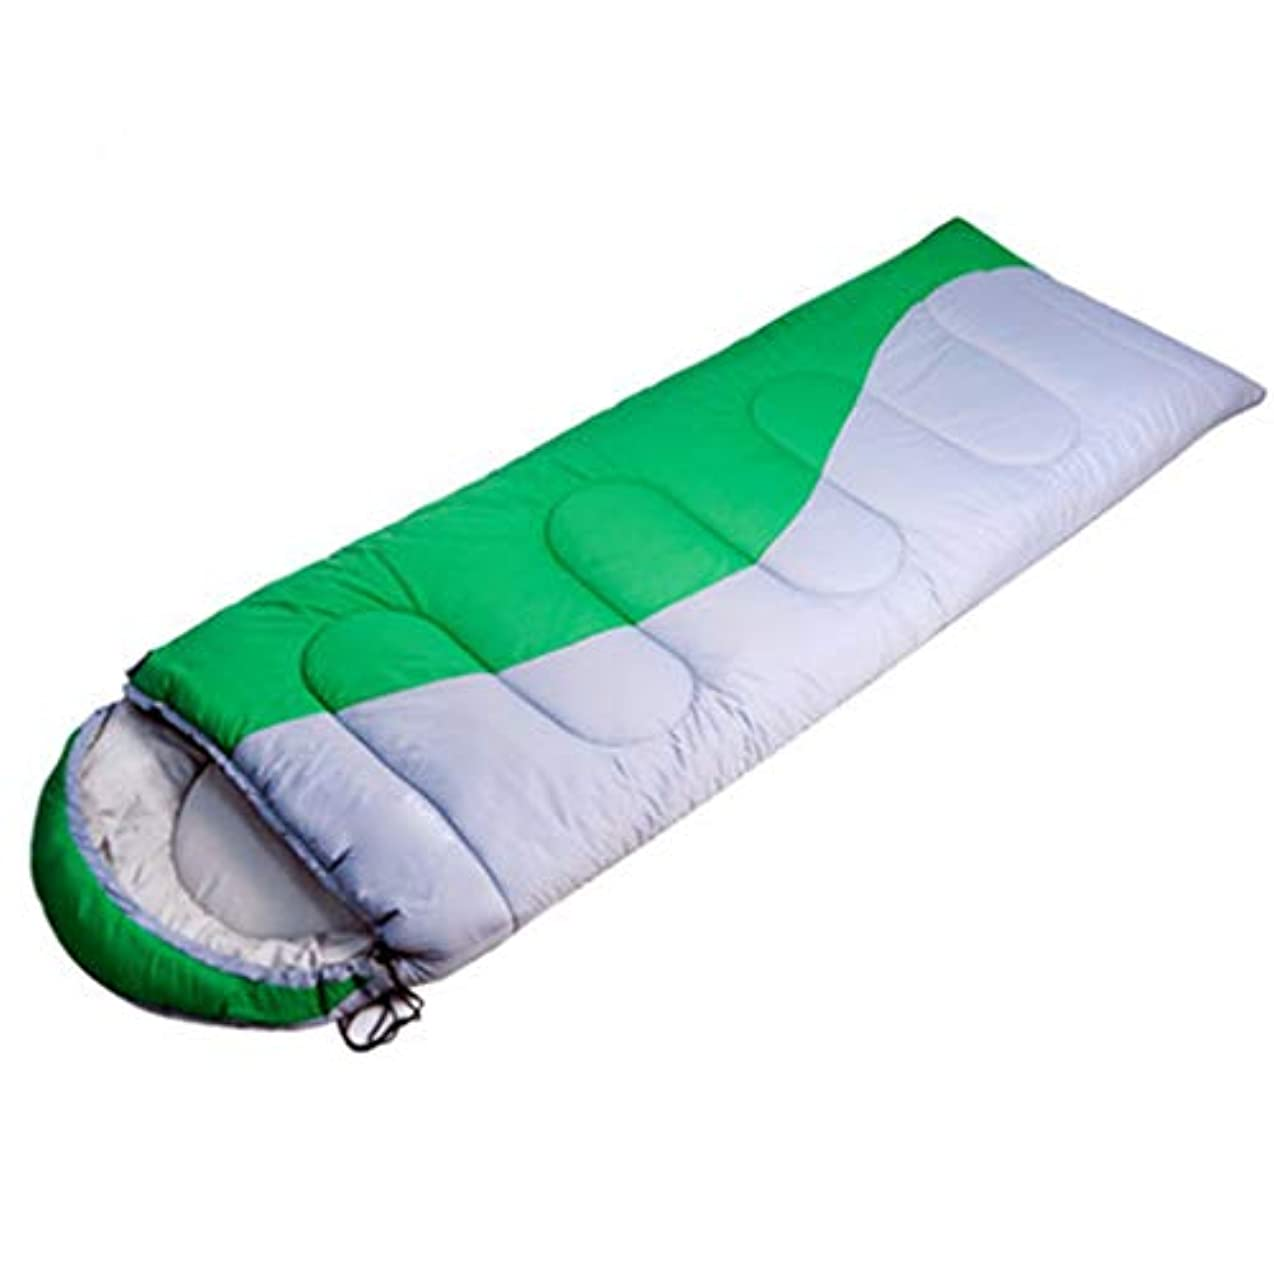 数字日光六寝袋 圧縮袋 寝袋 キャンプ アウトドア 寝袋 旅行 キャンプ 温かい寝袋 ステッチ付き アウトドア 寝袋